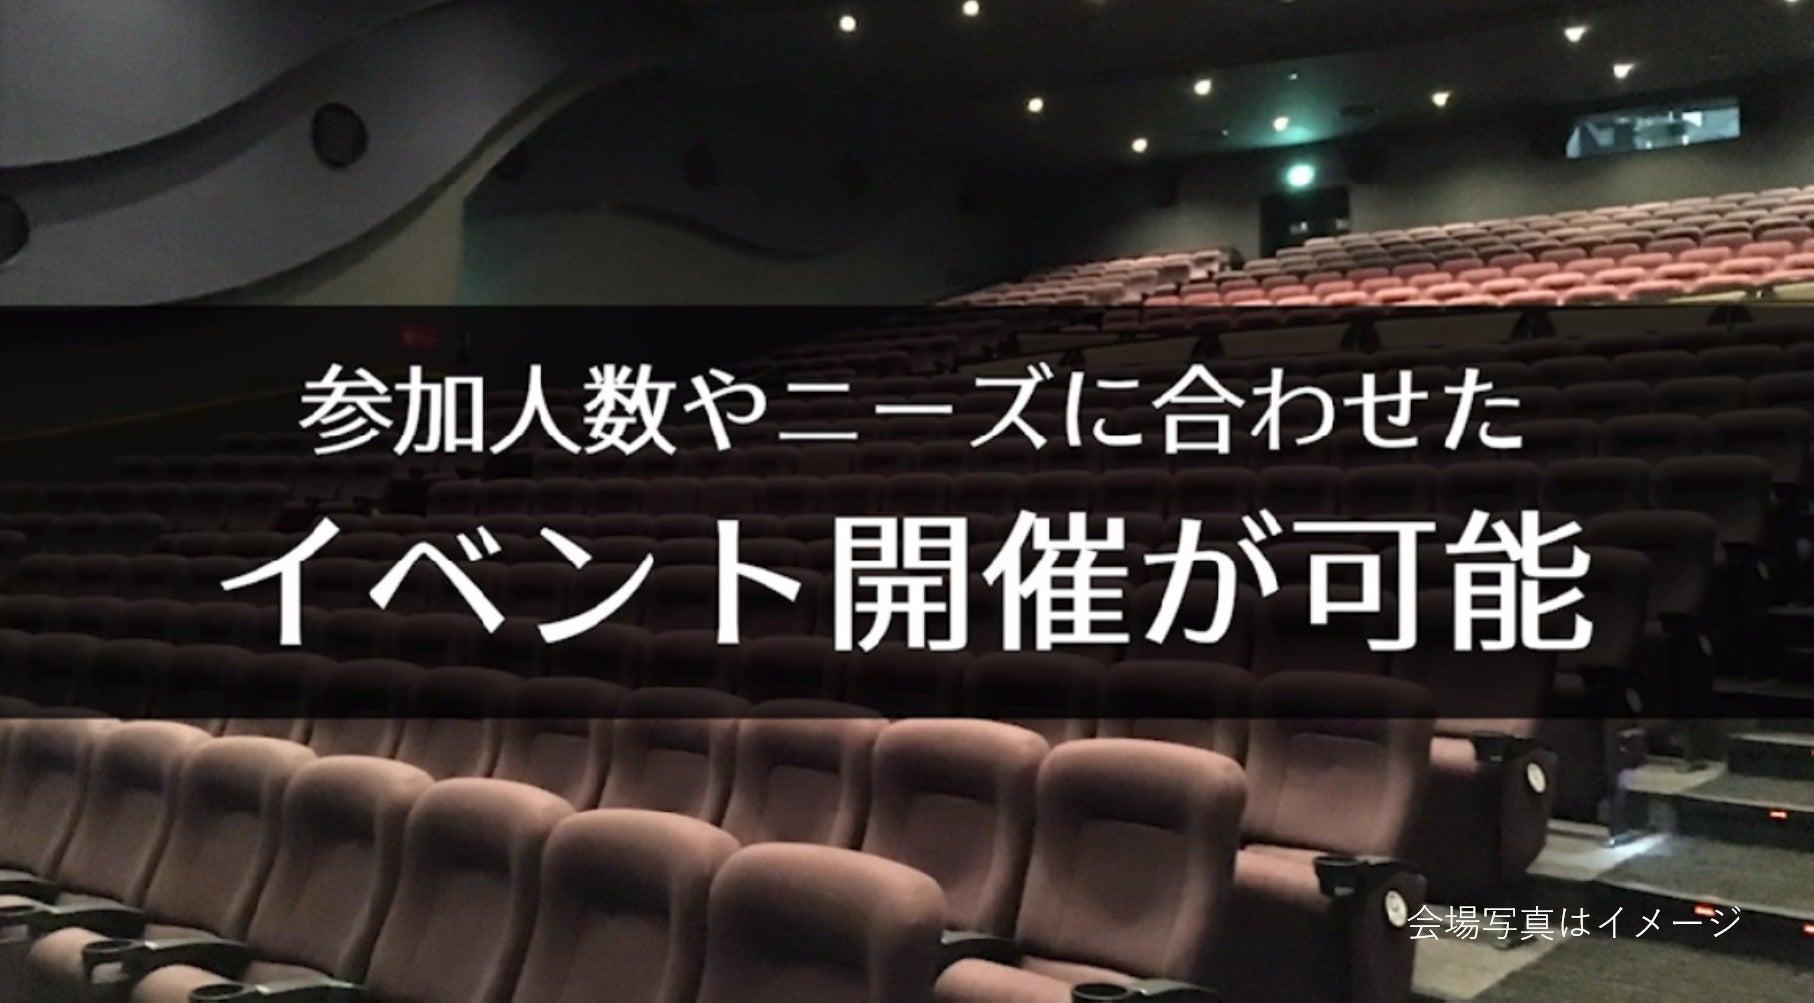 【幸手 320席】映画館で、会社説明会、株主総会、講演会の企画はいかがですか?